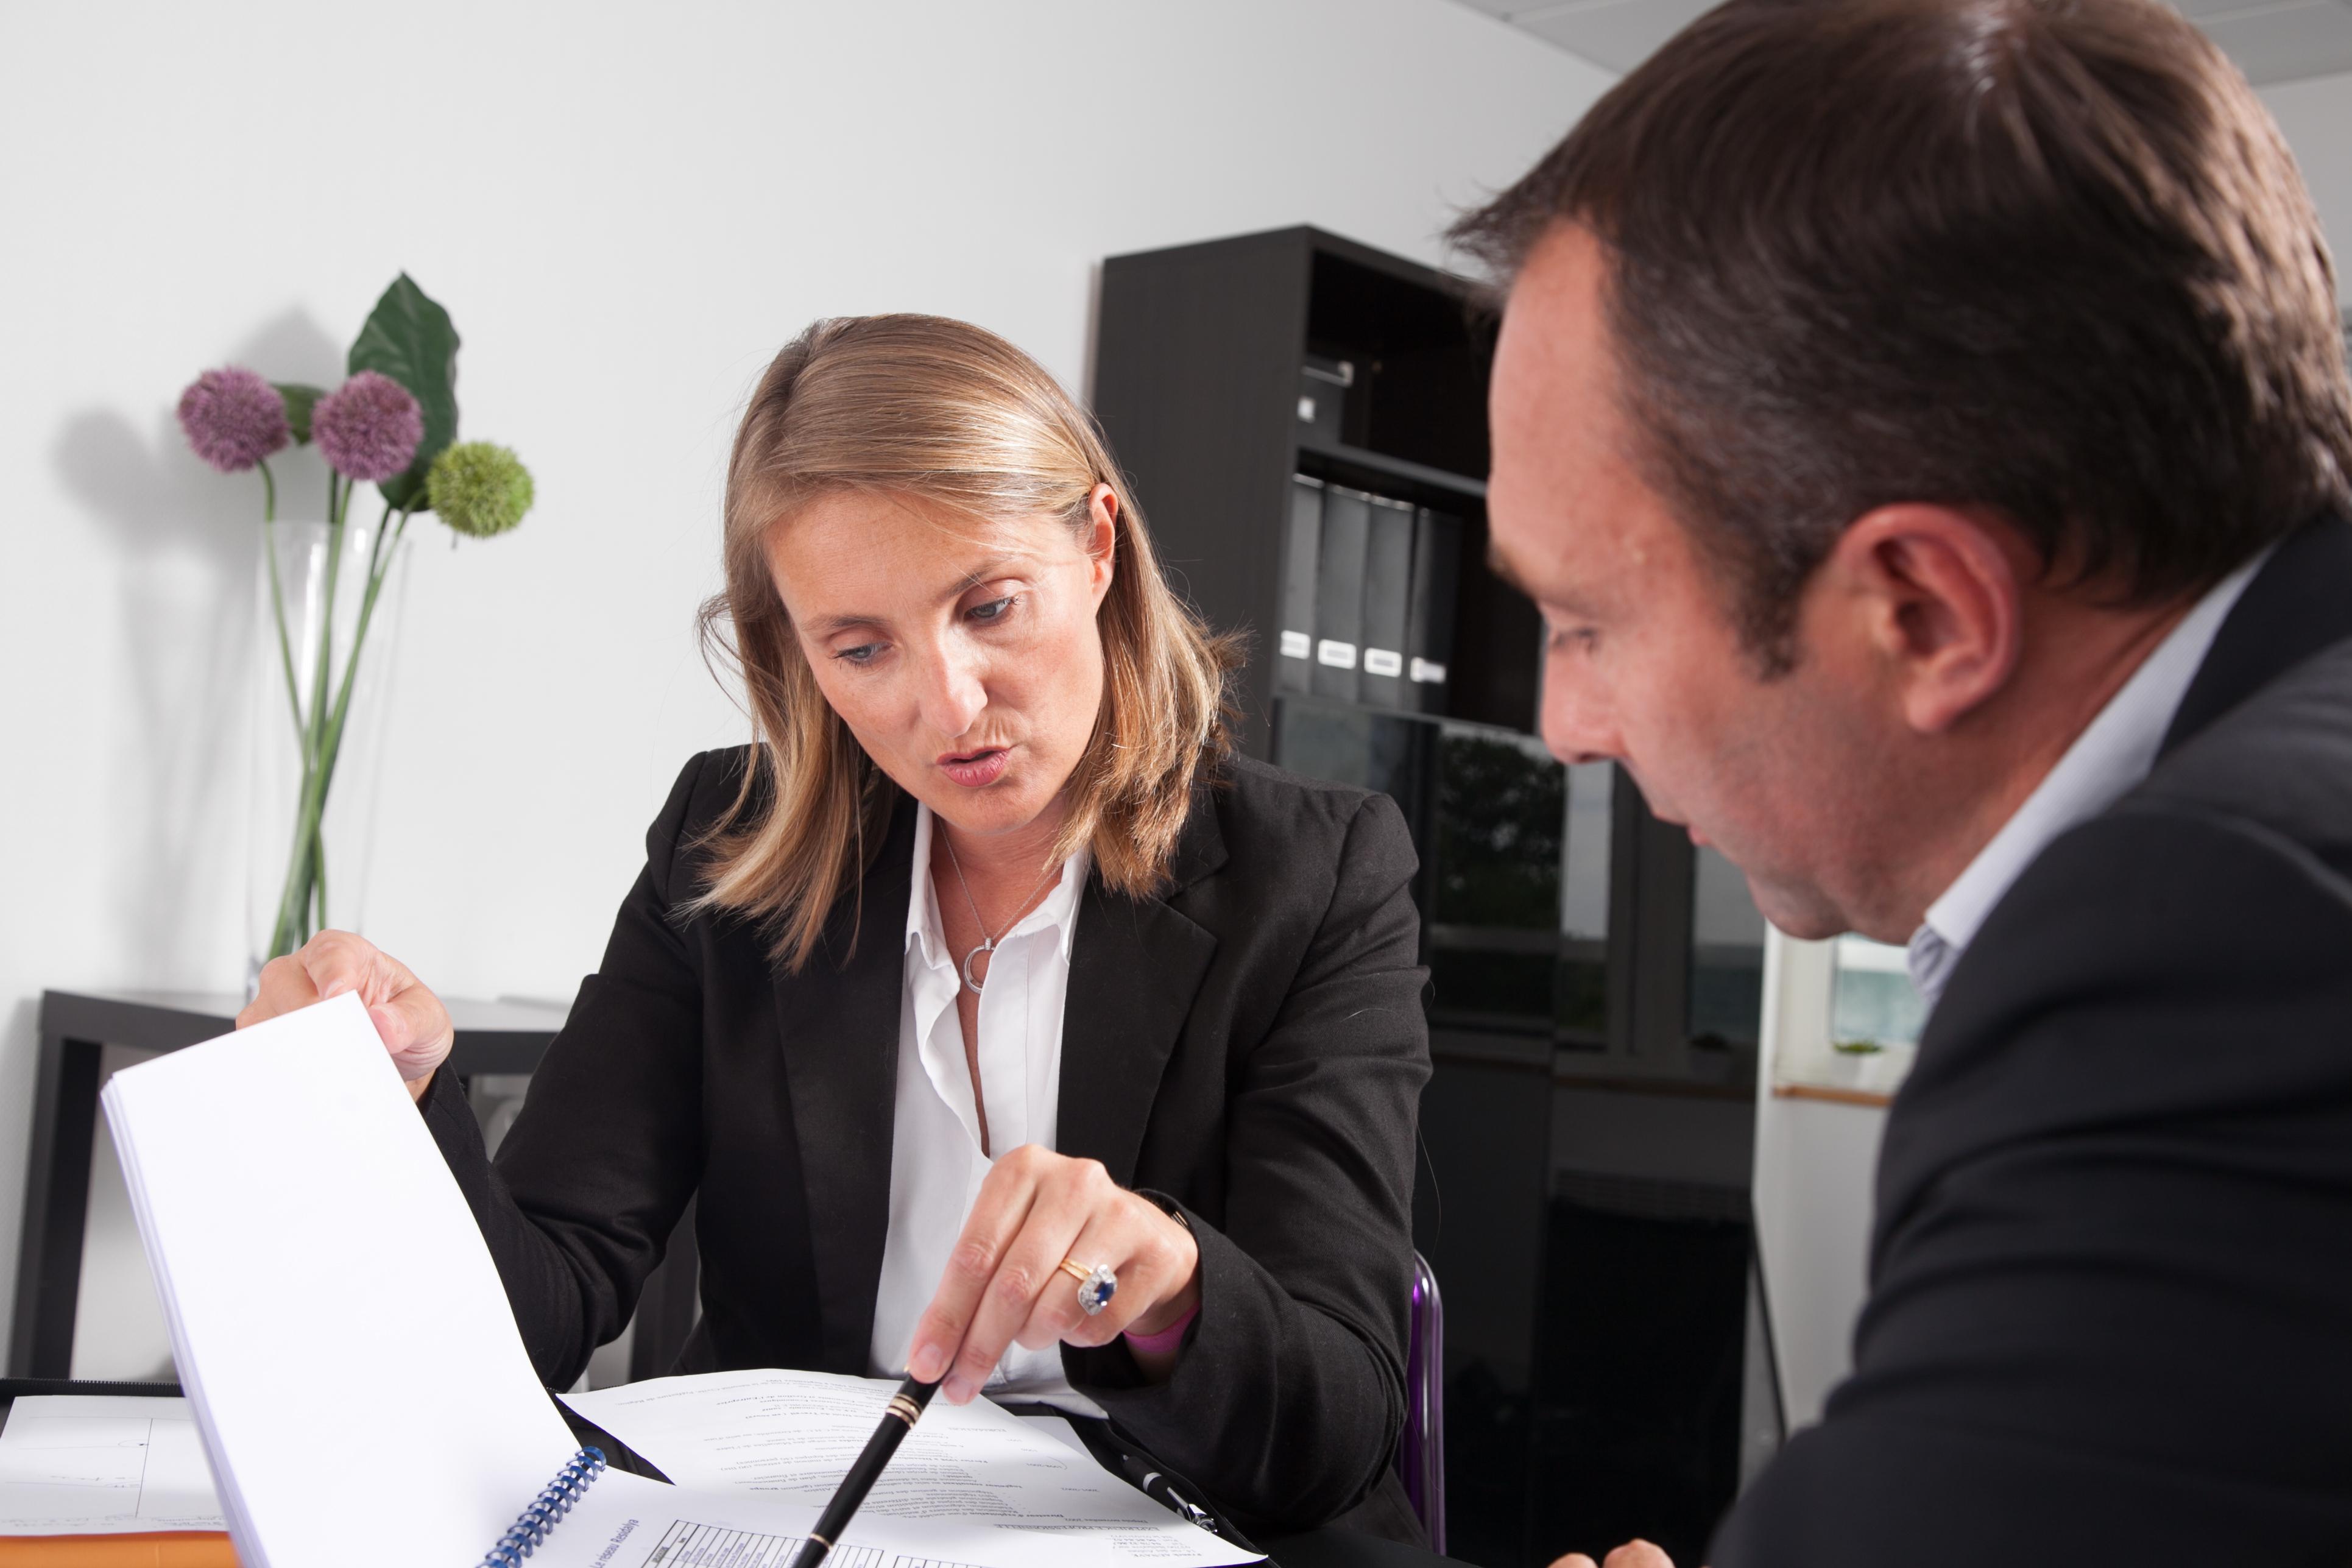 Parcours et sens - conseils pour mener votre entretien professionnel